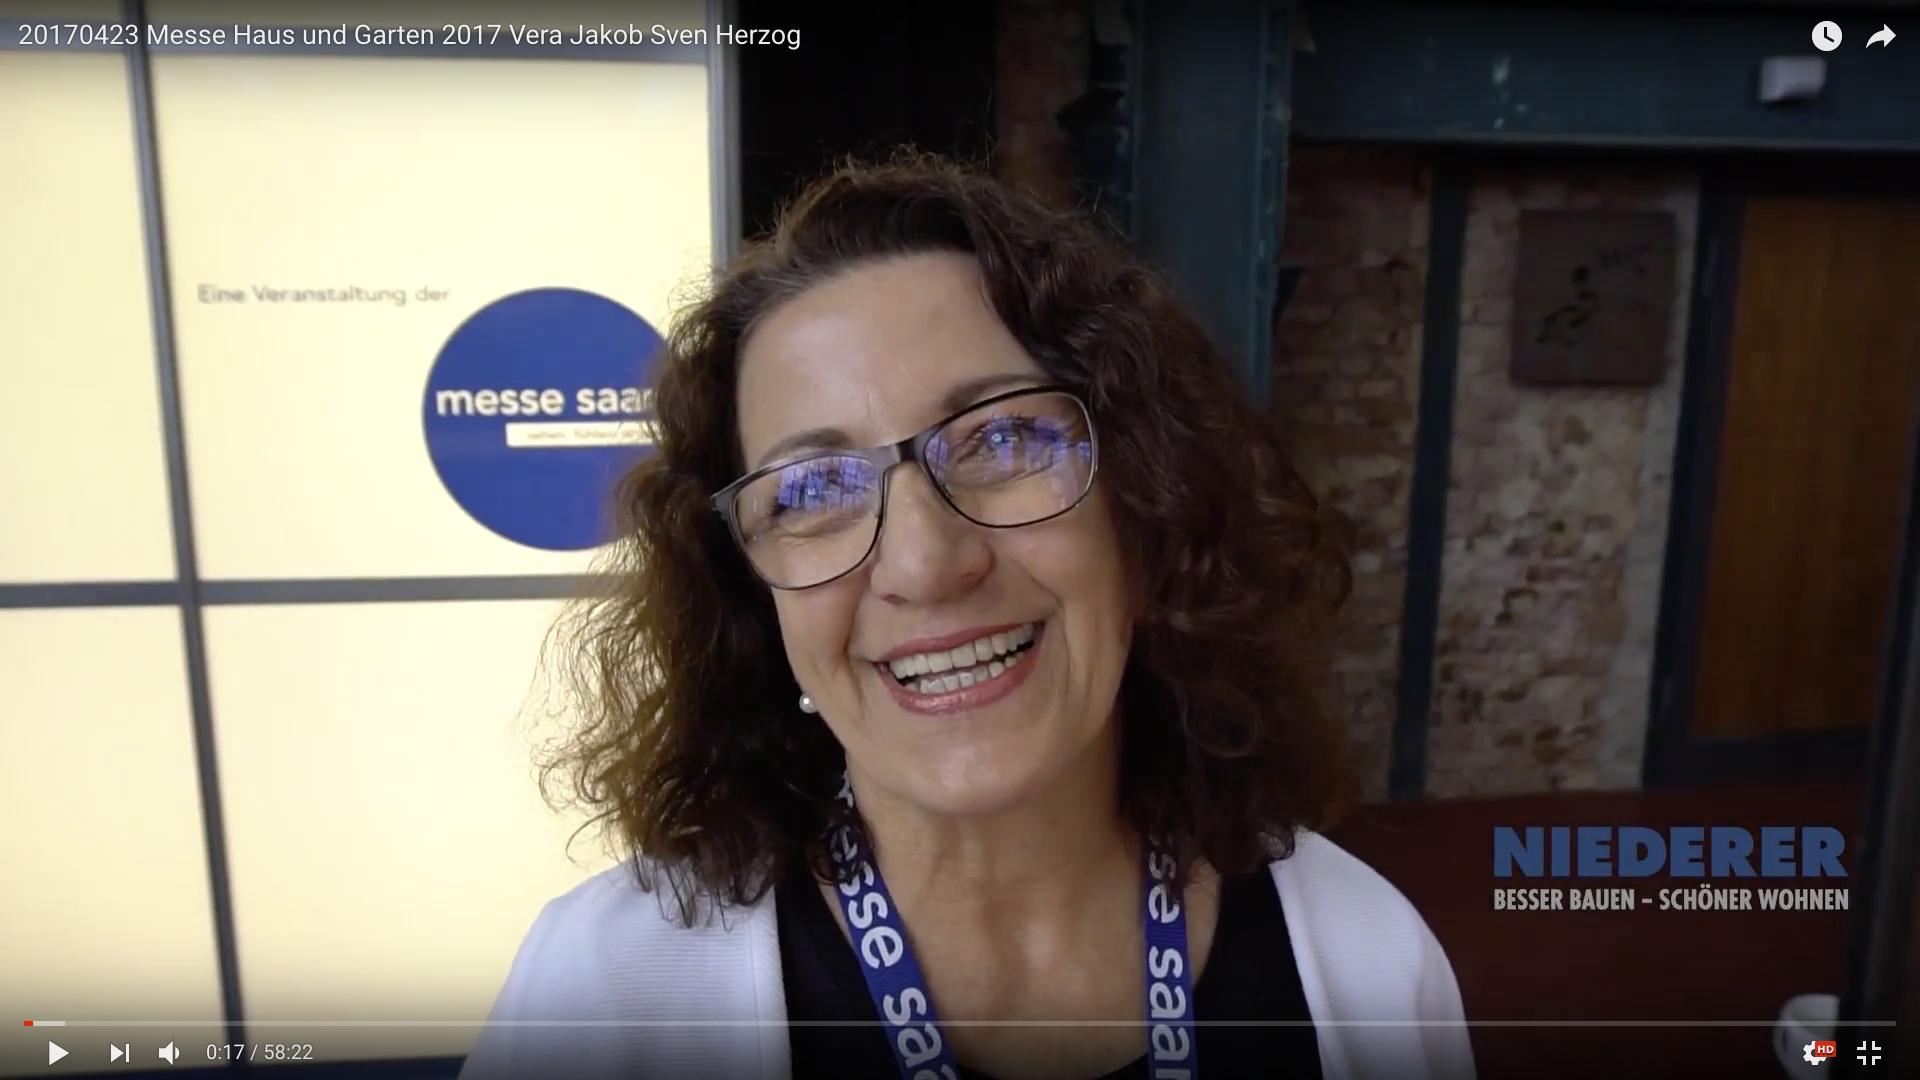 2017 Messe Haus und Garten 2017 Vera Jakob_MSM_MEDIEN_SAAR_MOSEL_SAARLAND_FERNSEHEN_1_ED_SAAR